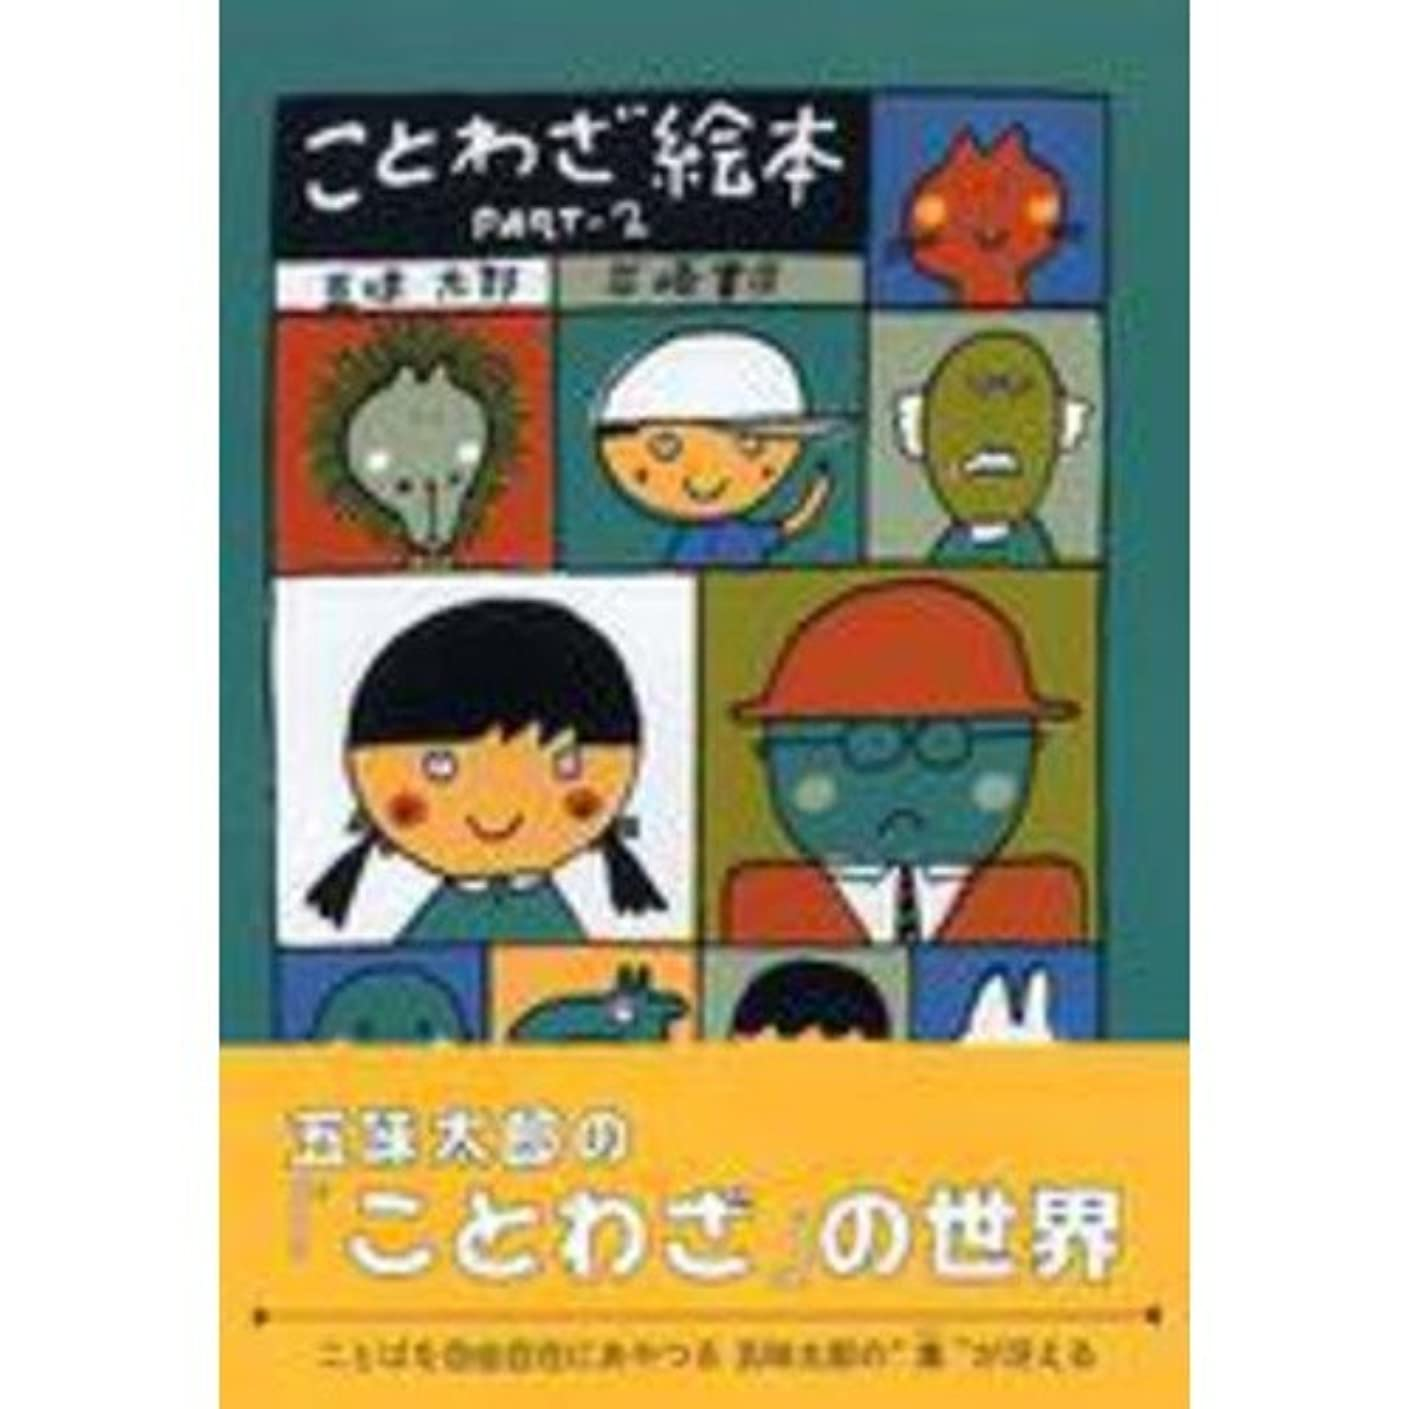 境界パラメータ抑止する岩崎書店 ことわざ絵本 PART2 A5判